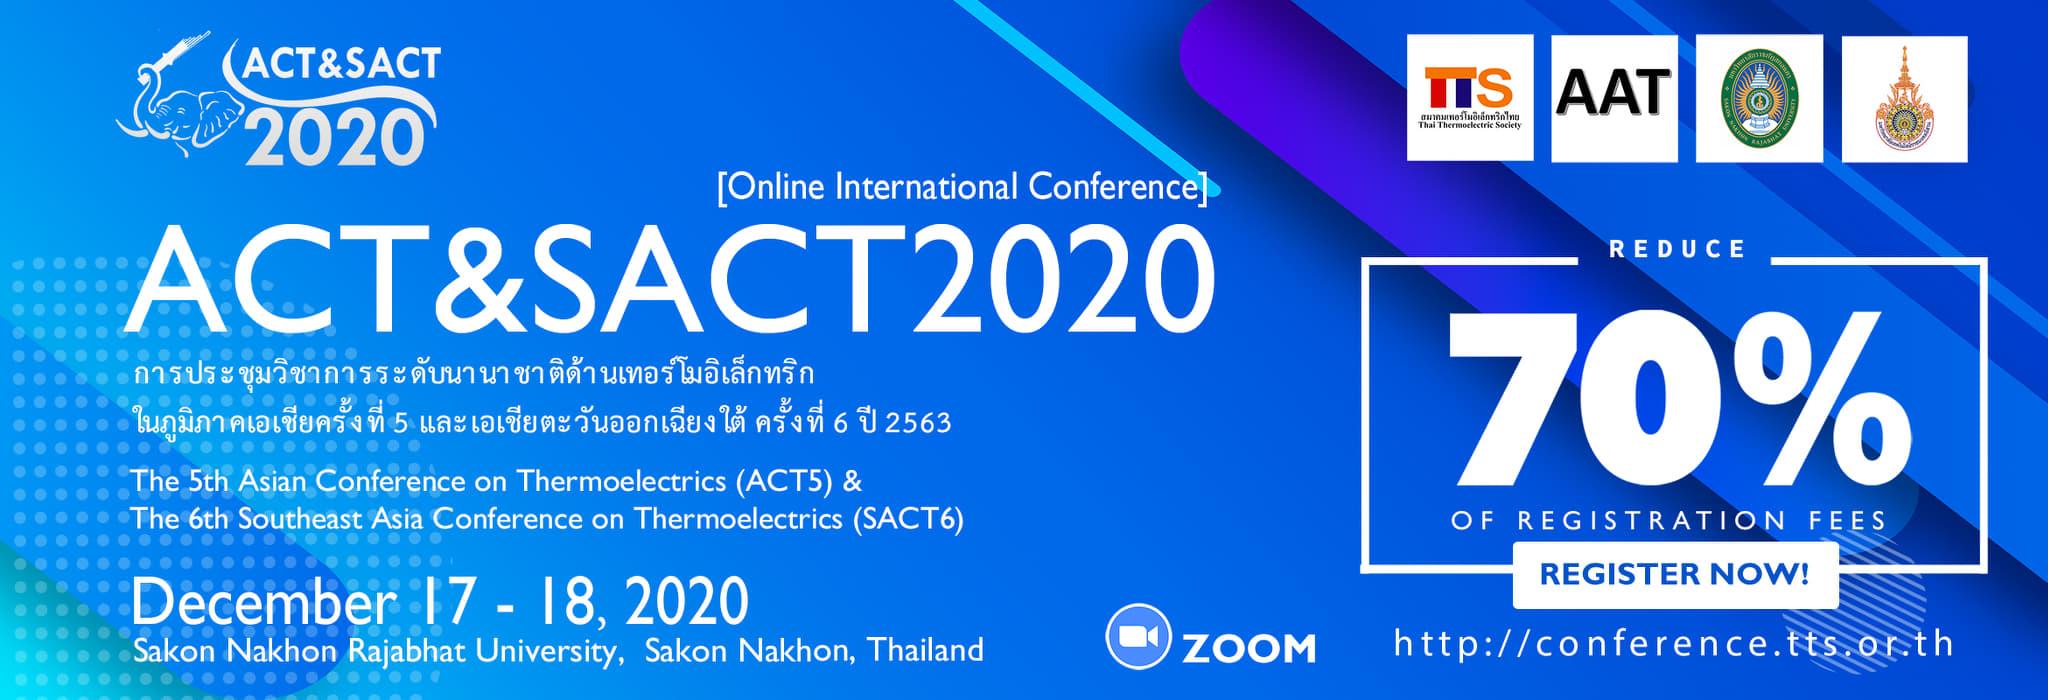 การประชุมวิชาการระดับนานาชาติด้านเทอร์โมอิเล็กทริก ในภูมิภาคเอเชียครั้งที่ 5 และเอเชียตะวันออกเฉียงใต้ ครั้งที่ 6 ปี 2563